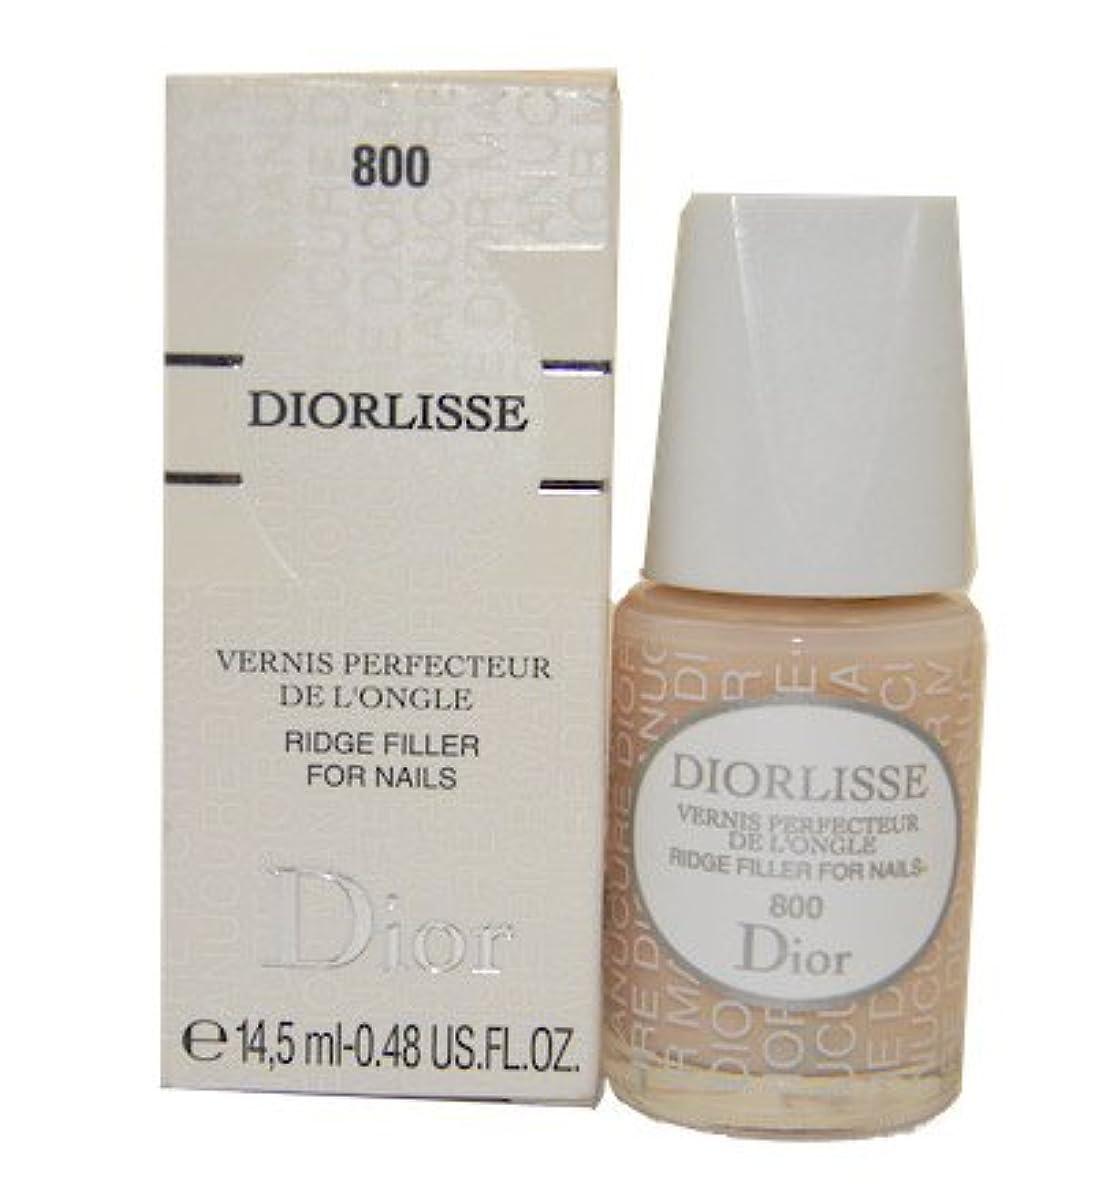 削除する歯科医粒Dior Diorlisse Ridge Filler For Nail 800(ディオールリス リッジフィラー フォーネイル 800)[海外直送品] [並行輸入品]